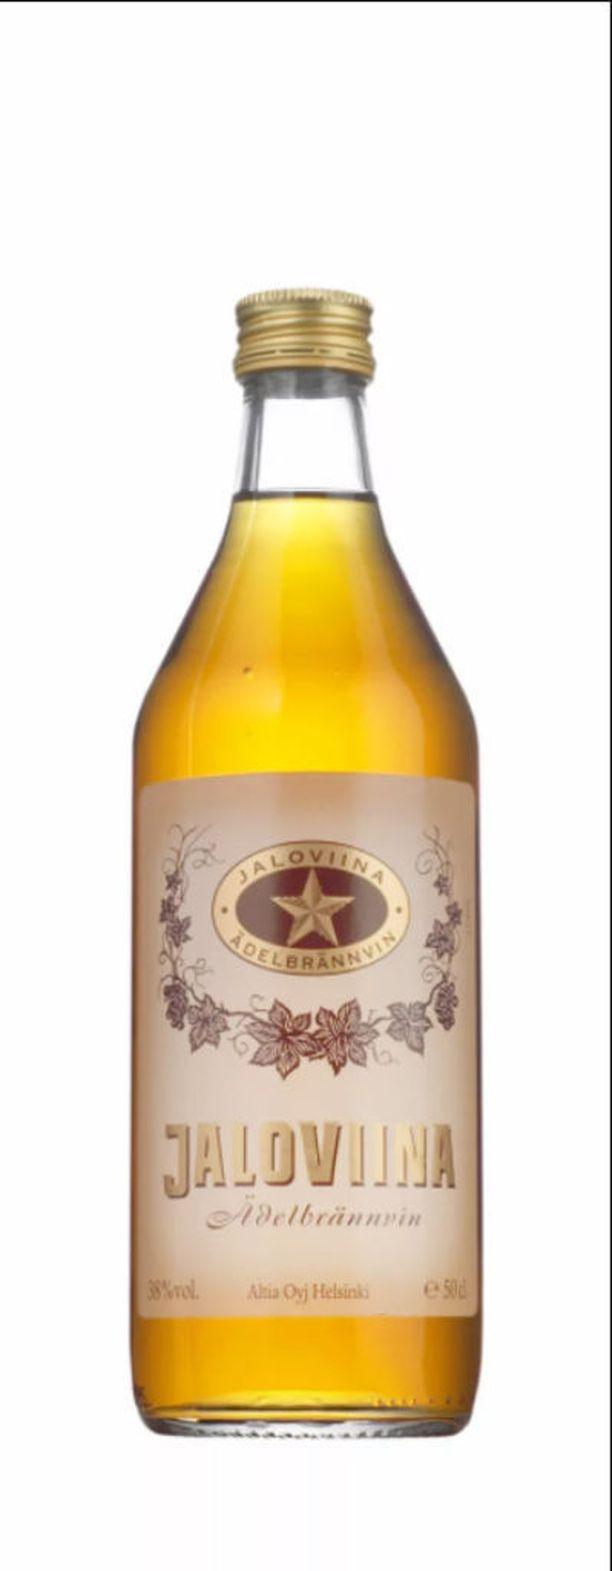 Yhden tähden Jaloviina minipullossa maksaa litralta 64,75 euroa. Isossa eli 0,7 litran pullossa litrahinta on 23,90 euroa.